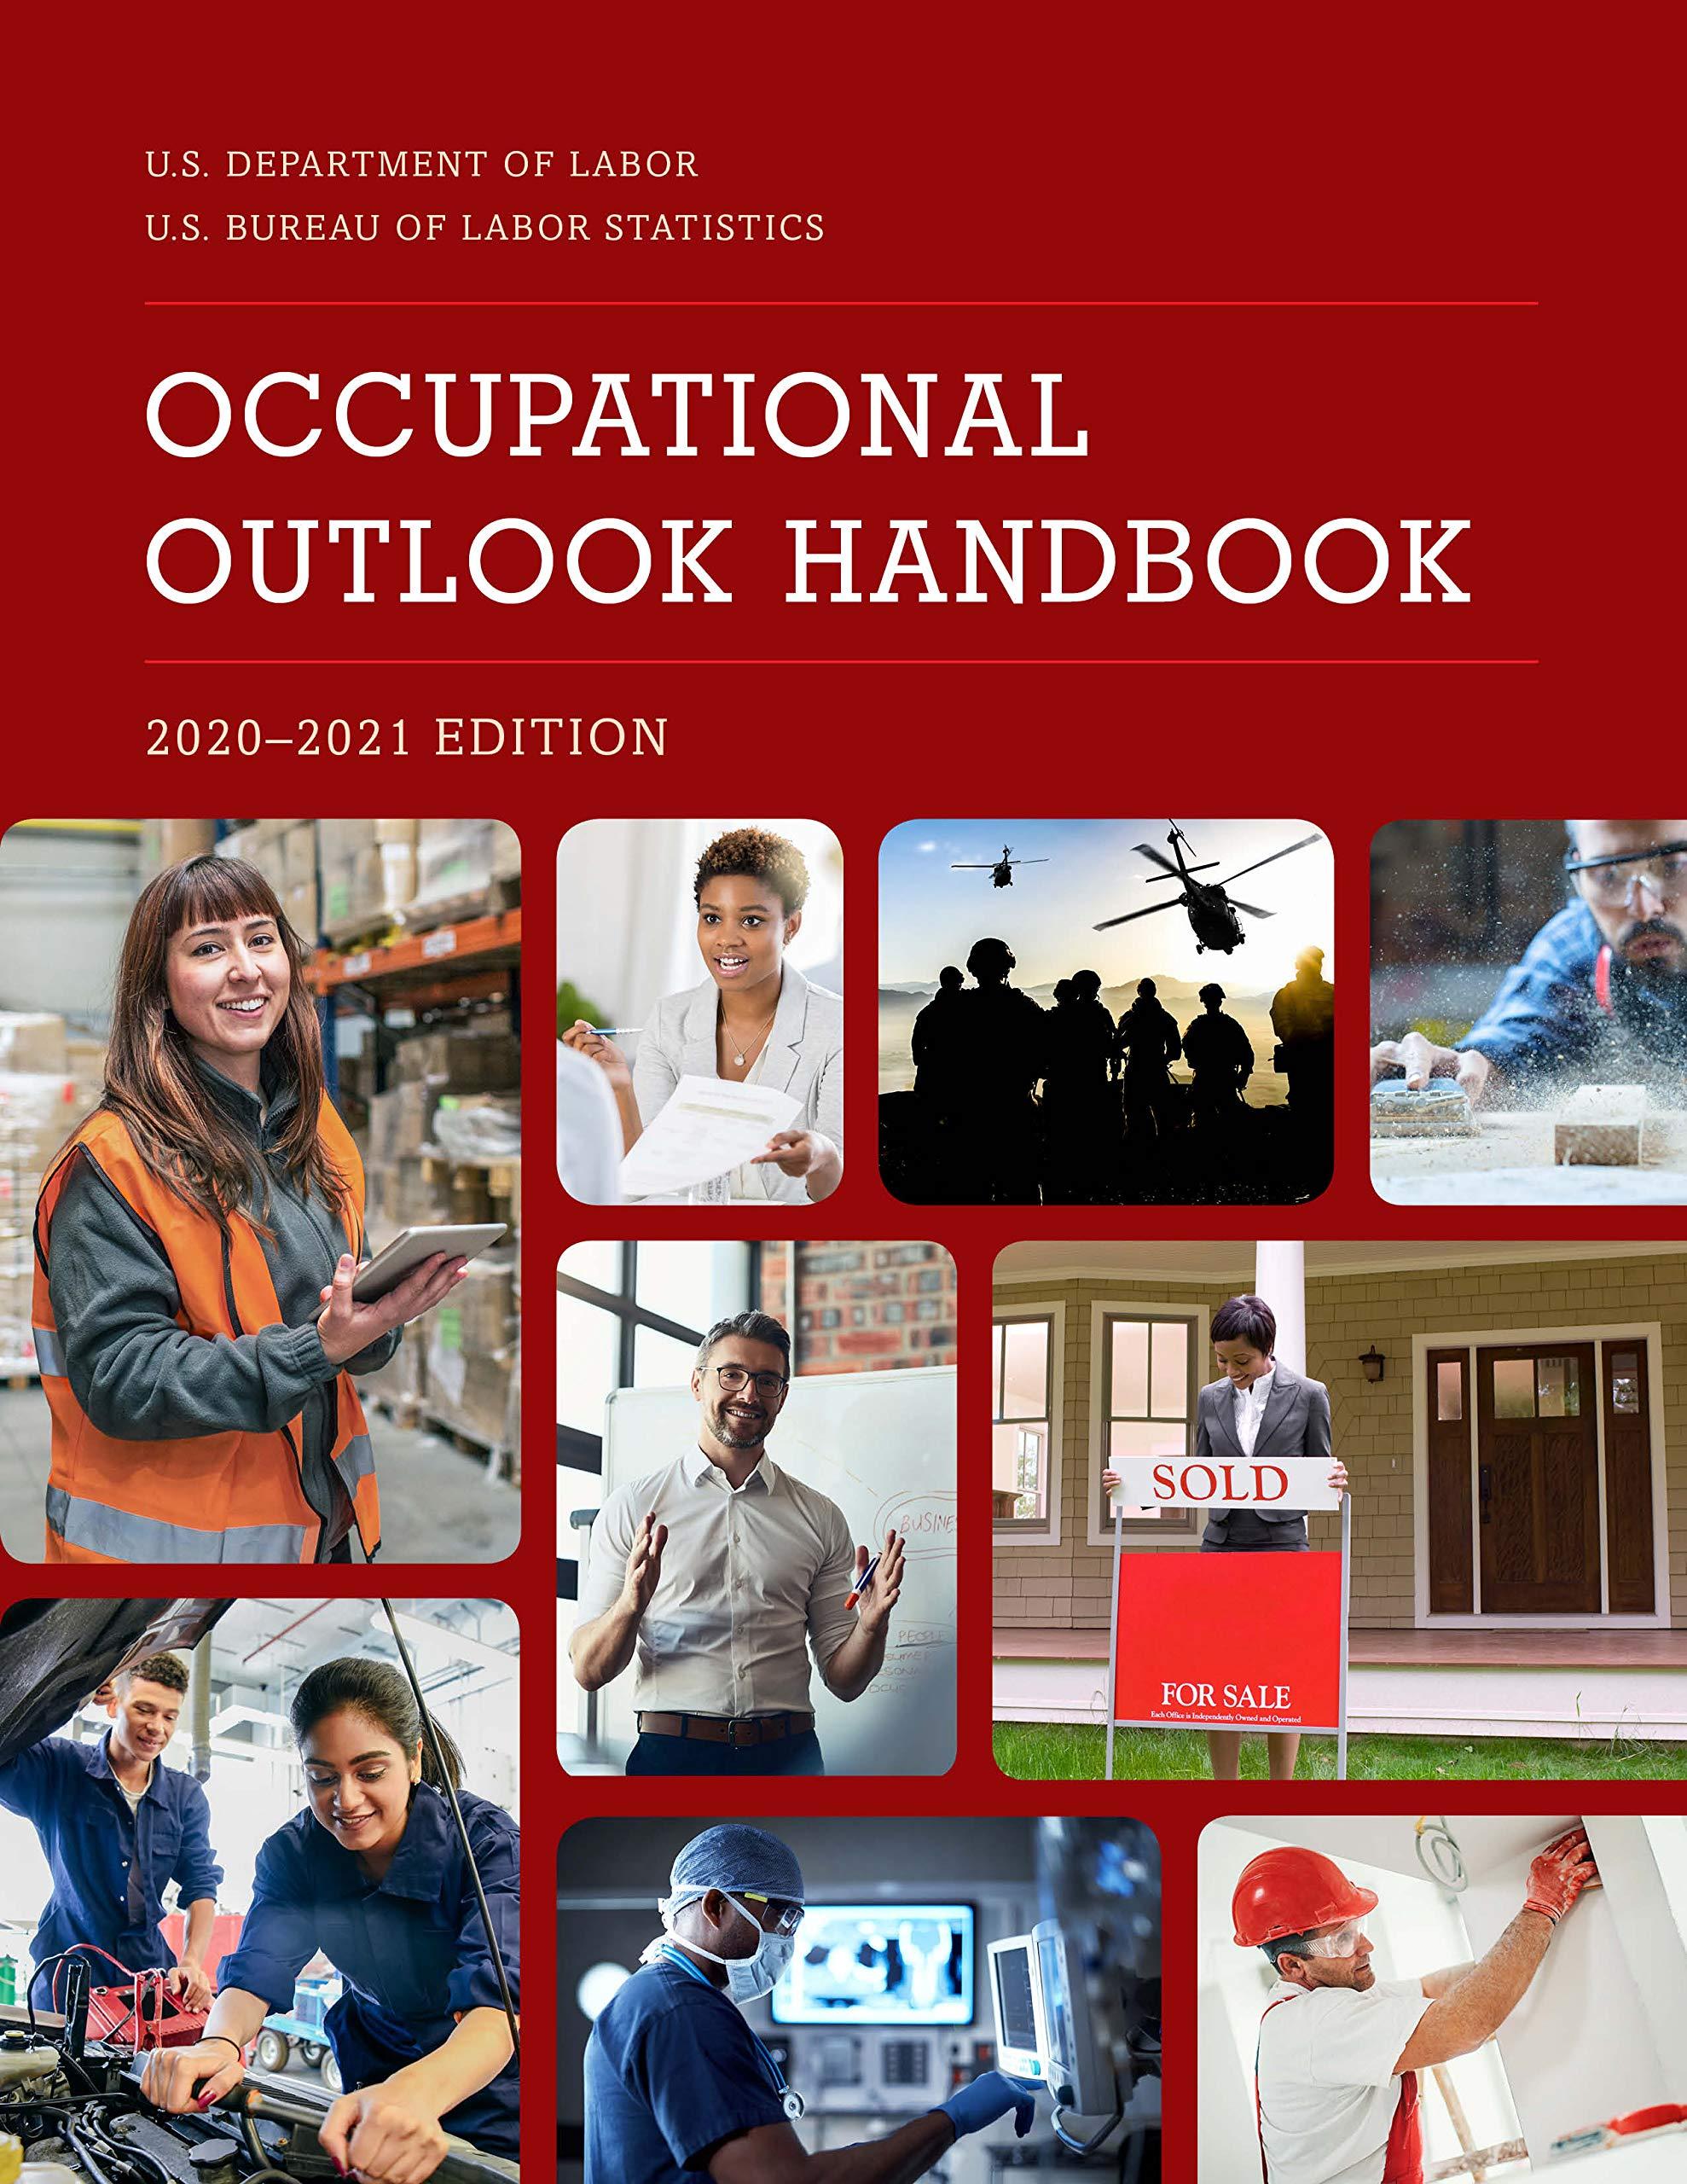 Occupational Outlook Handbook 2020 2021 Occupational Outlook Handbook Paper Bernan Bureau Of Labor Statistics 9781641433945 Amazon Com Books